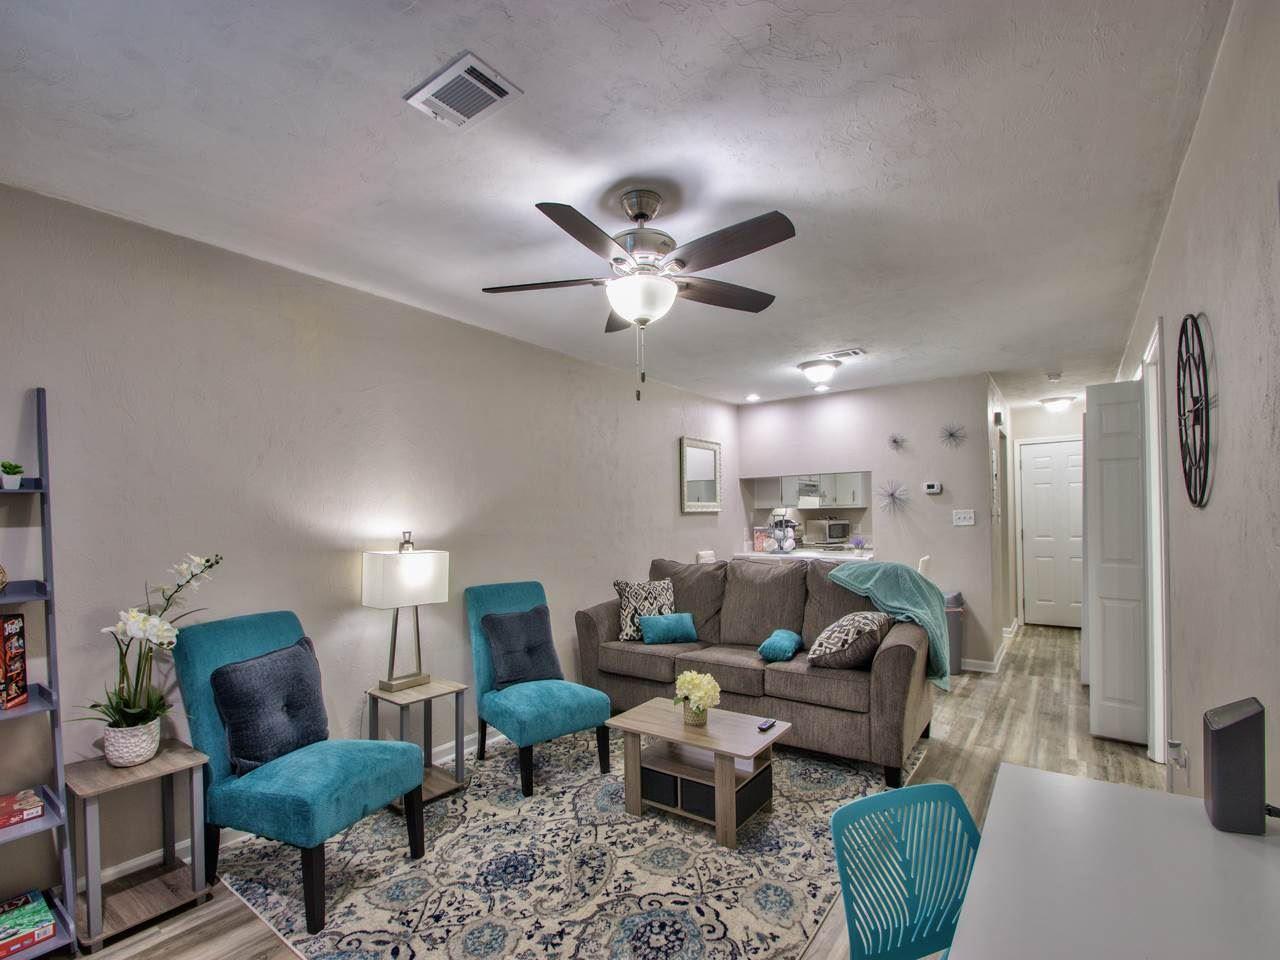 216 Dixie Drive #B - 3, Tallahassee, FL 32304 - MLS#: 322166